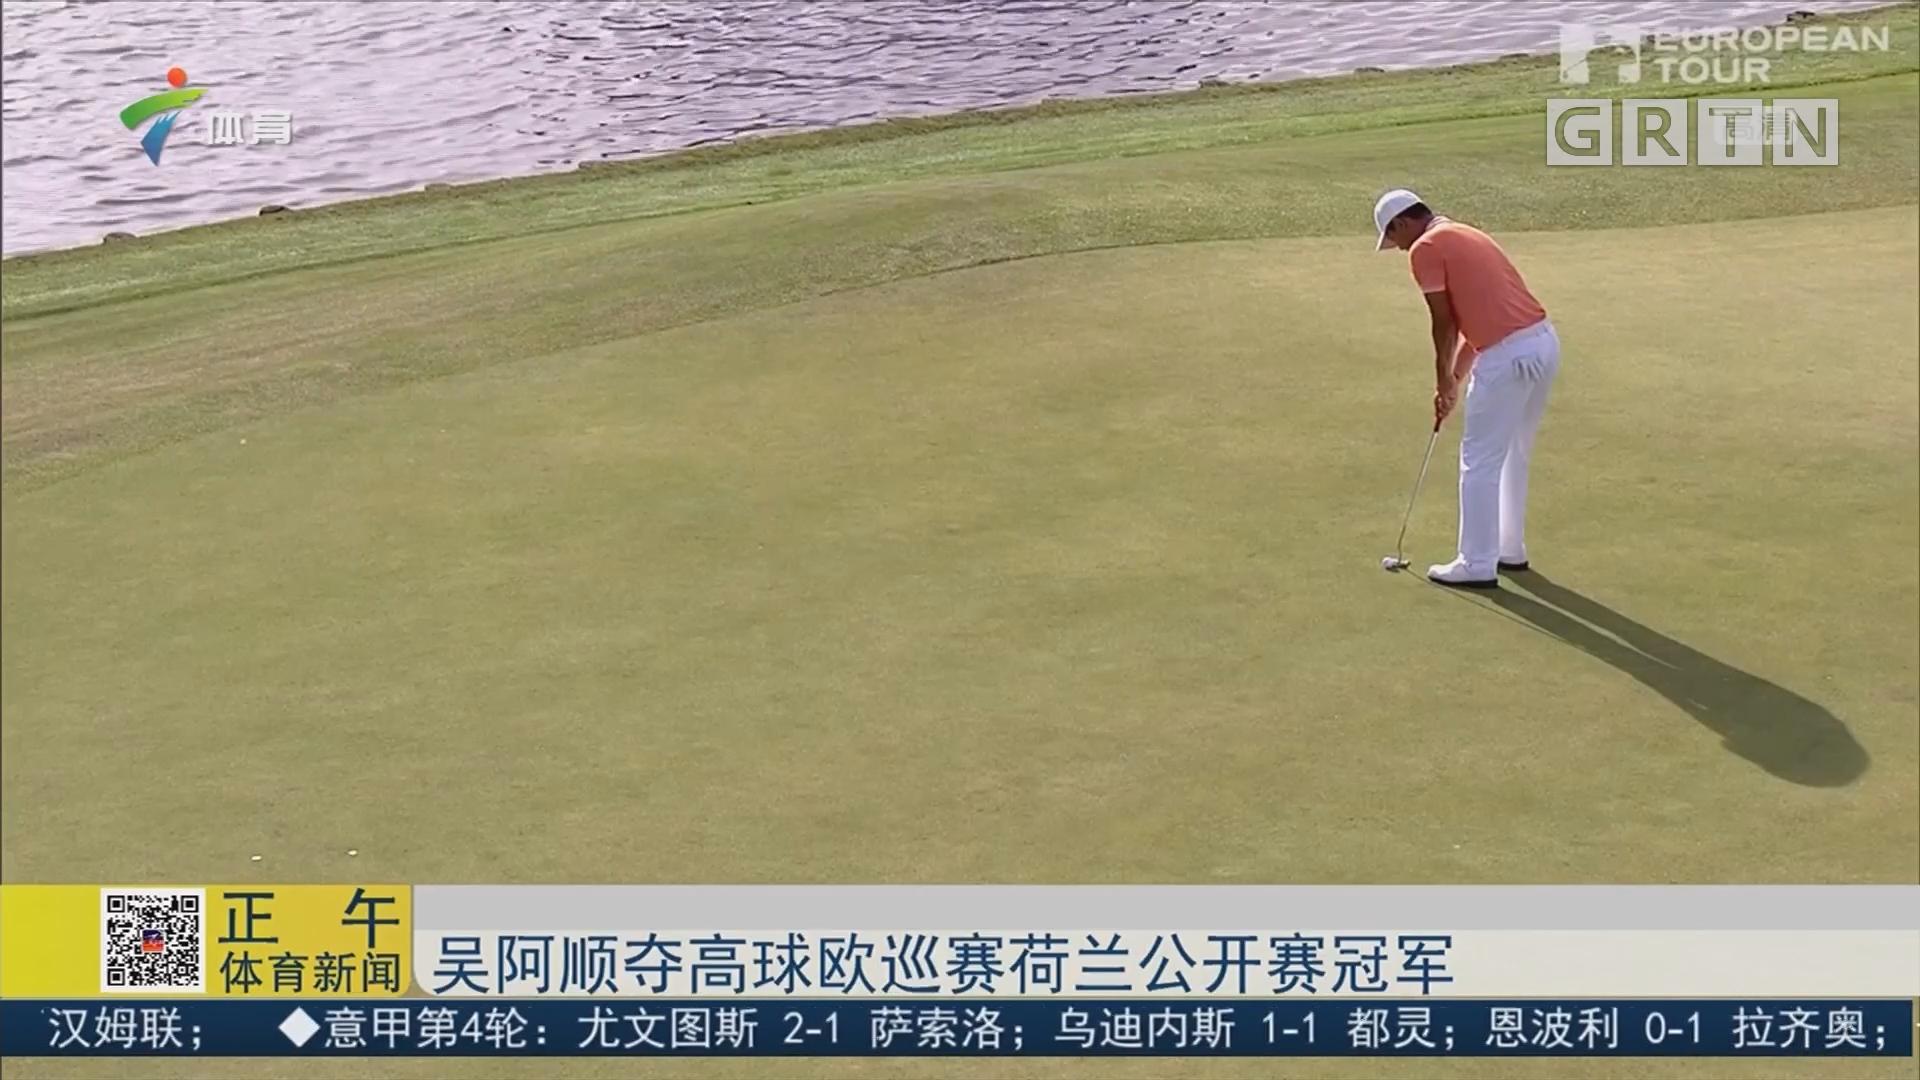 吴阿顺夺高球欧巡赛荷兰公开赛冠军